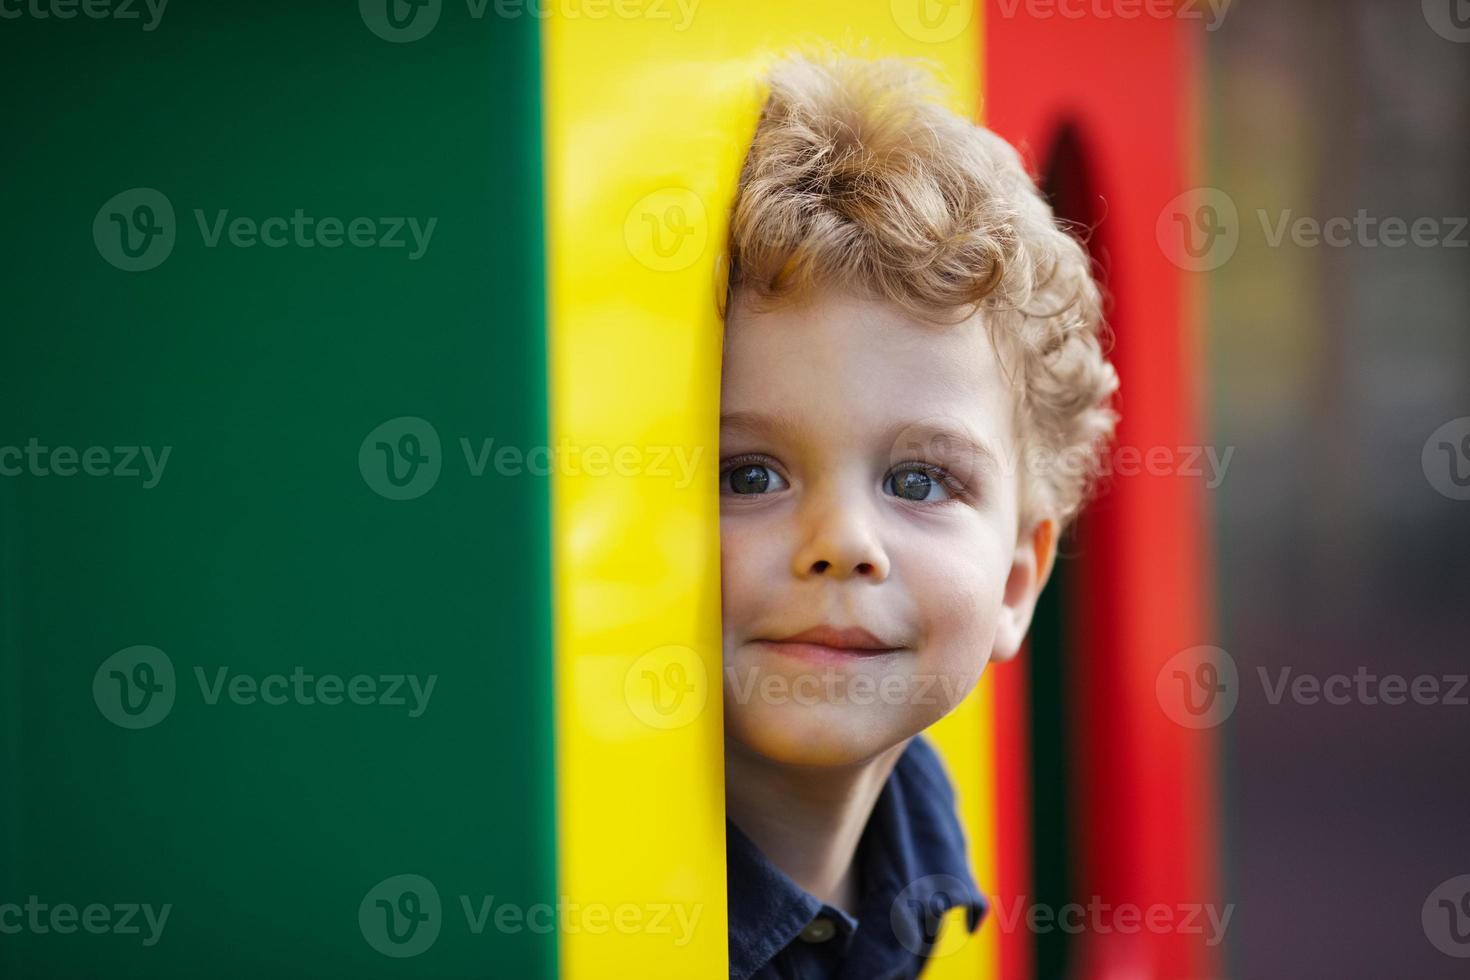 kleiner Junge lugt hinter Deckung hervor foto